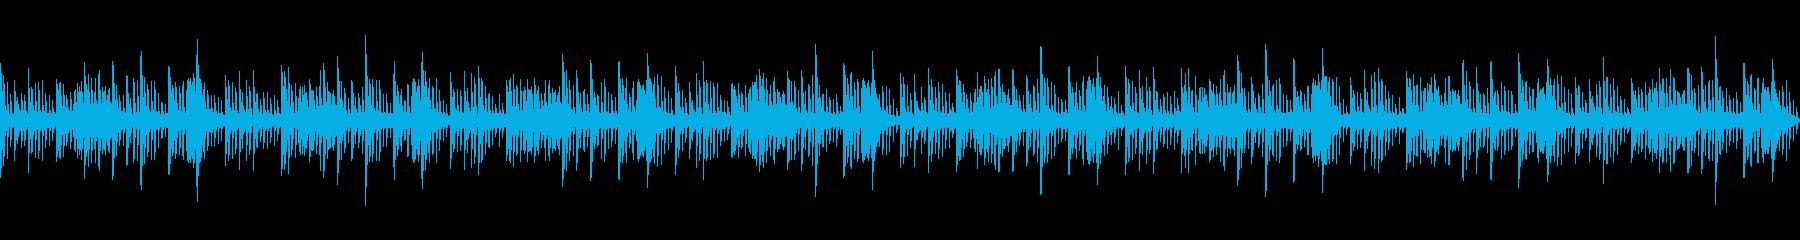 ピアノで奏でる幻想的なヒーリングBGMの再生済みの波形